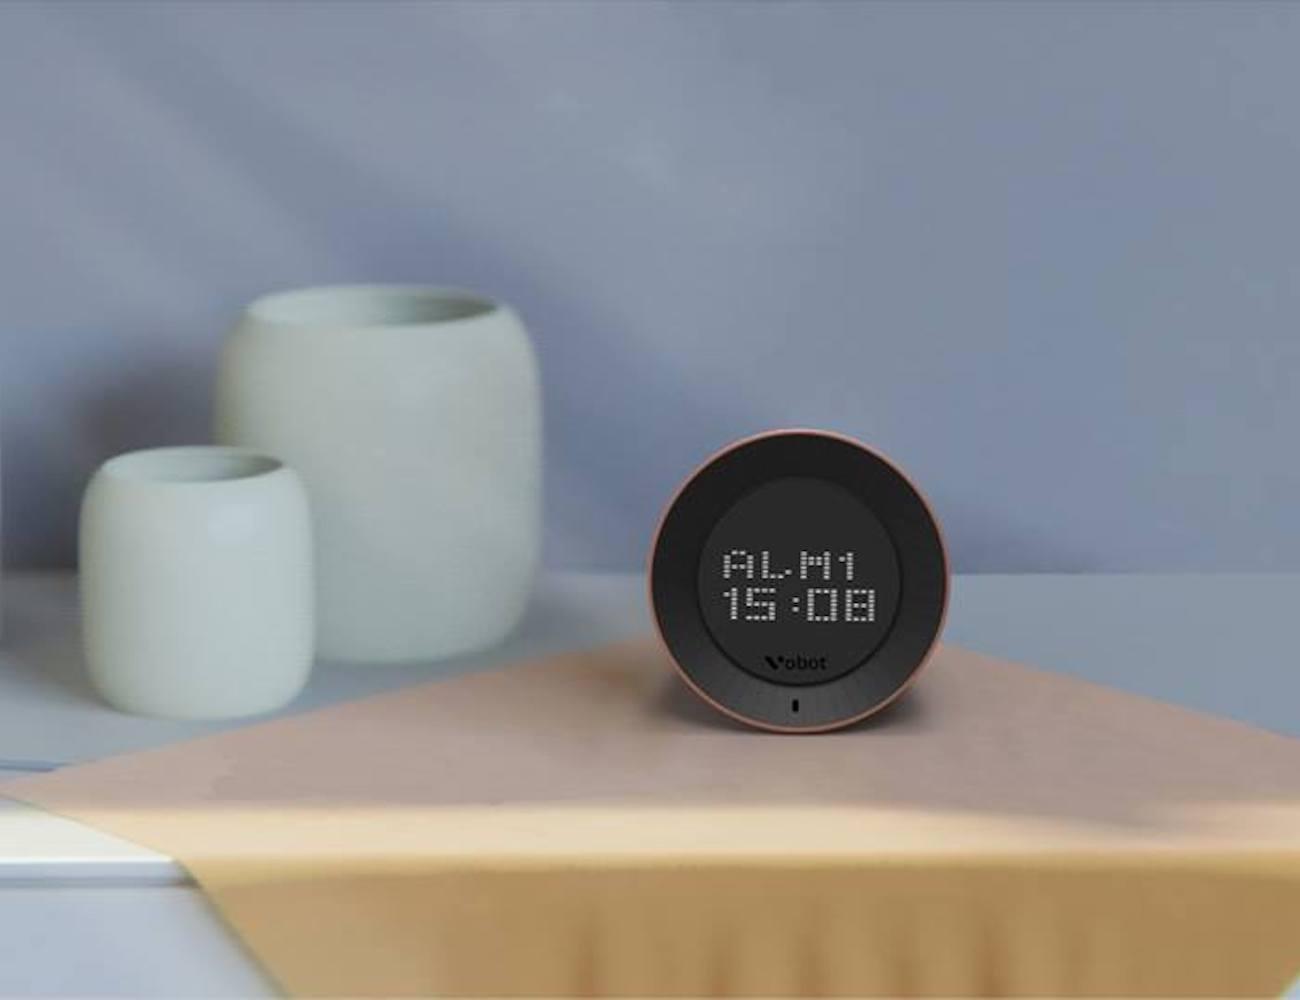 Vobot Smart Bedside Alarm Clock